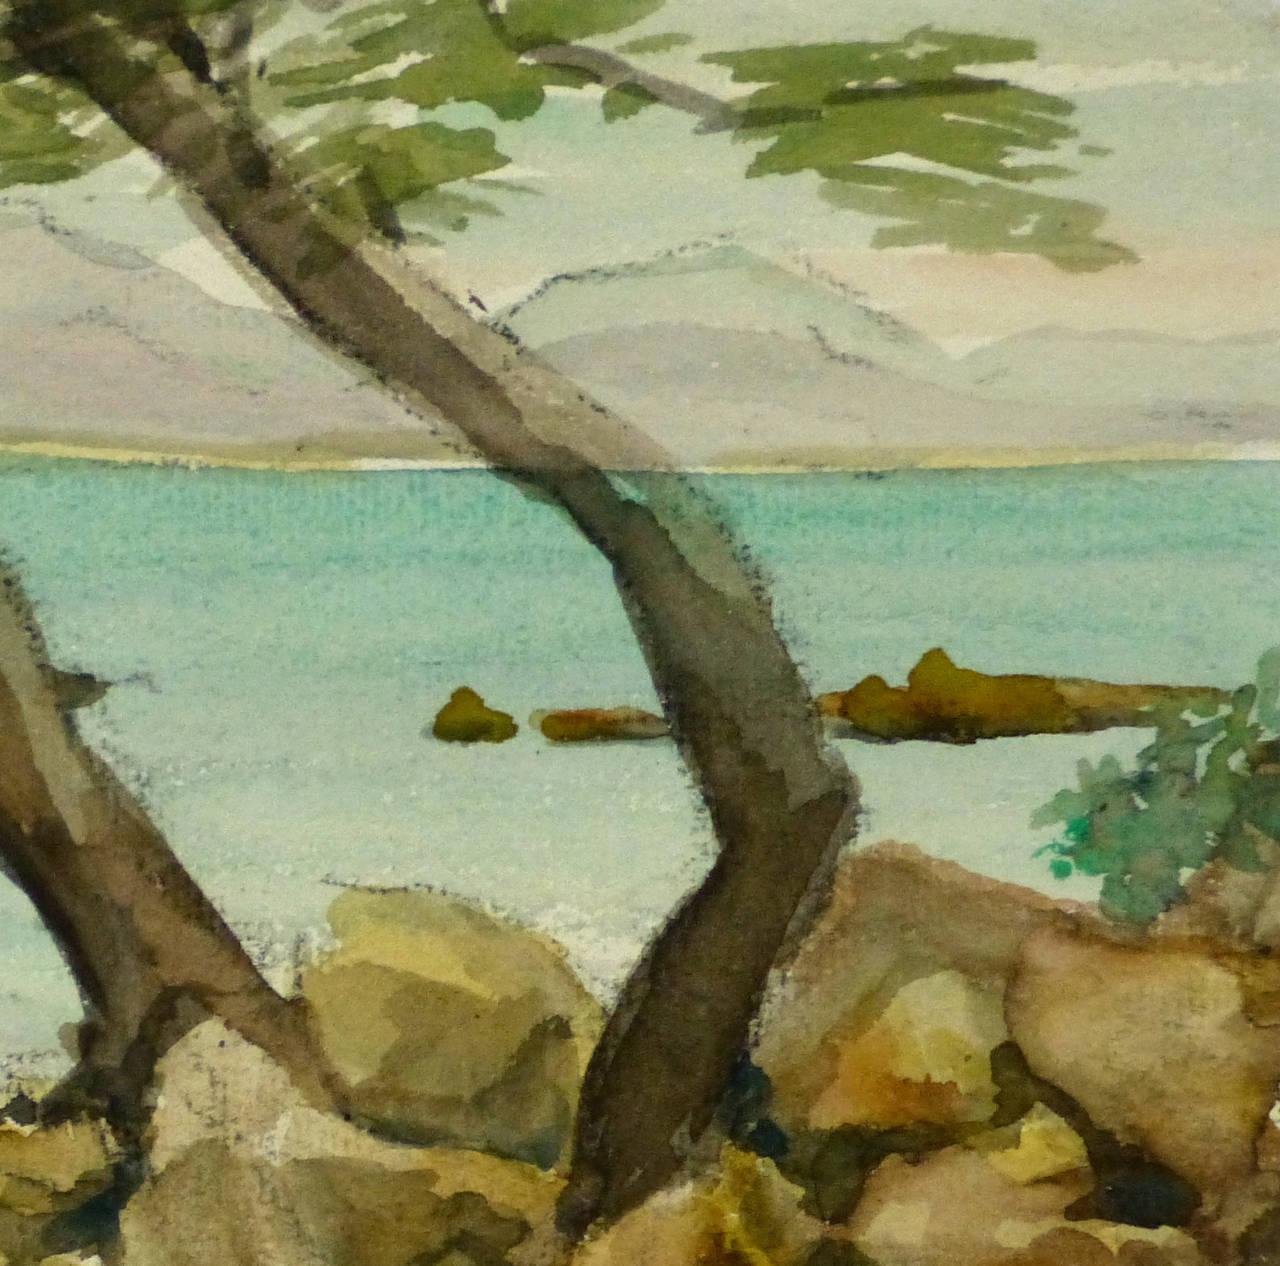 Vintage French Watercolor Landscape - Côte d'Azur - Brown Landscape Art by M. Kesseler